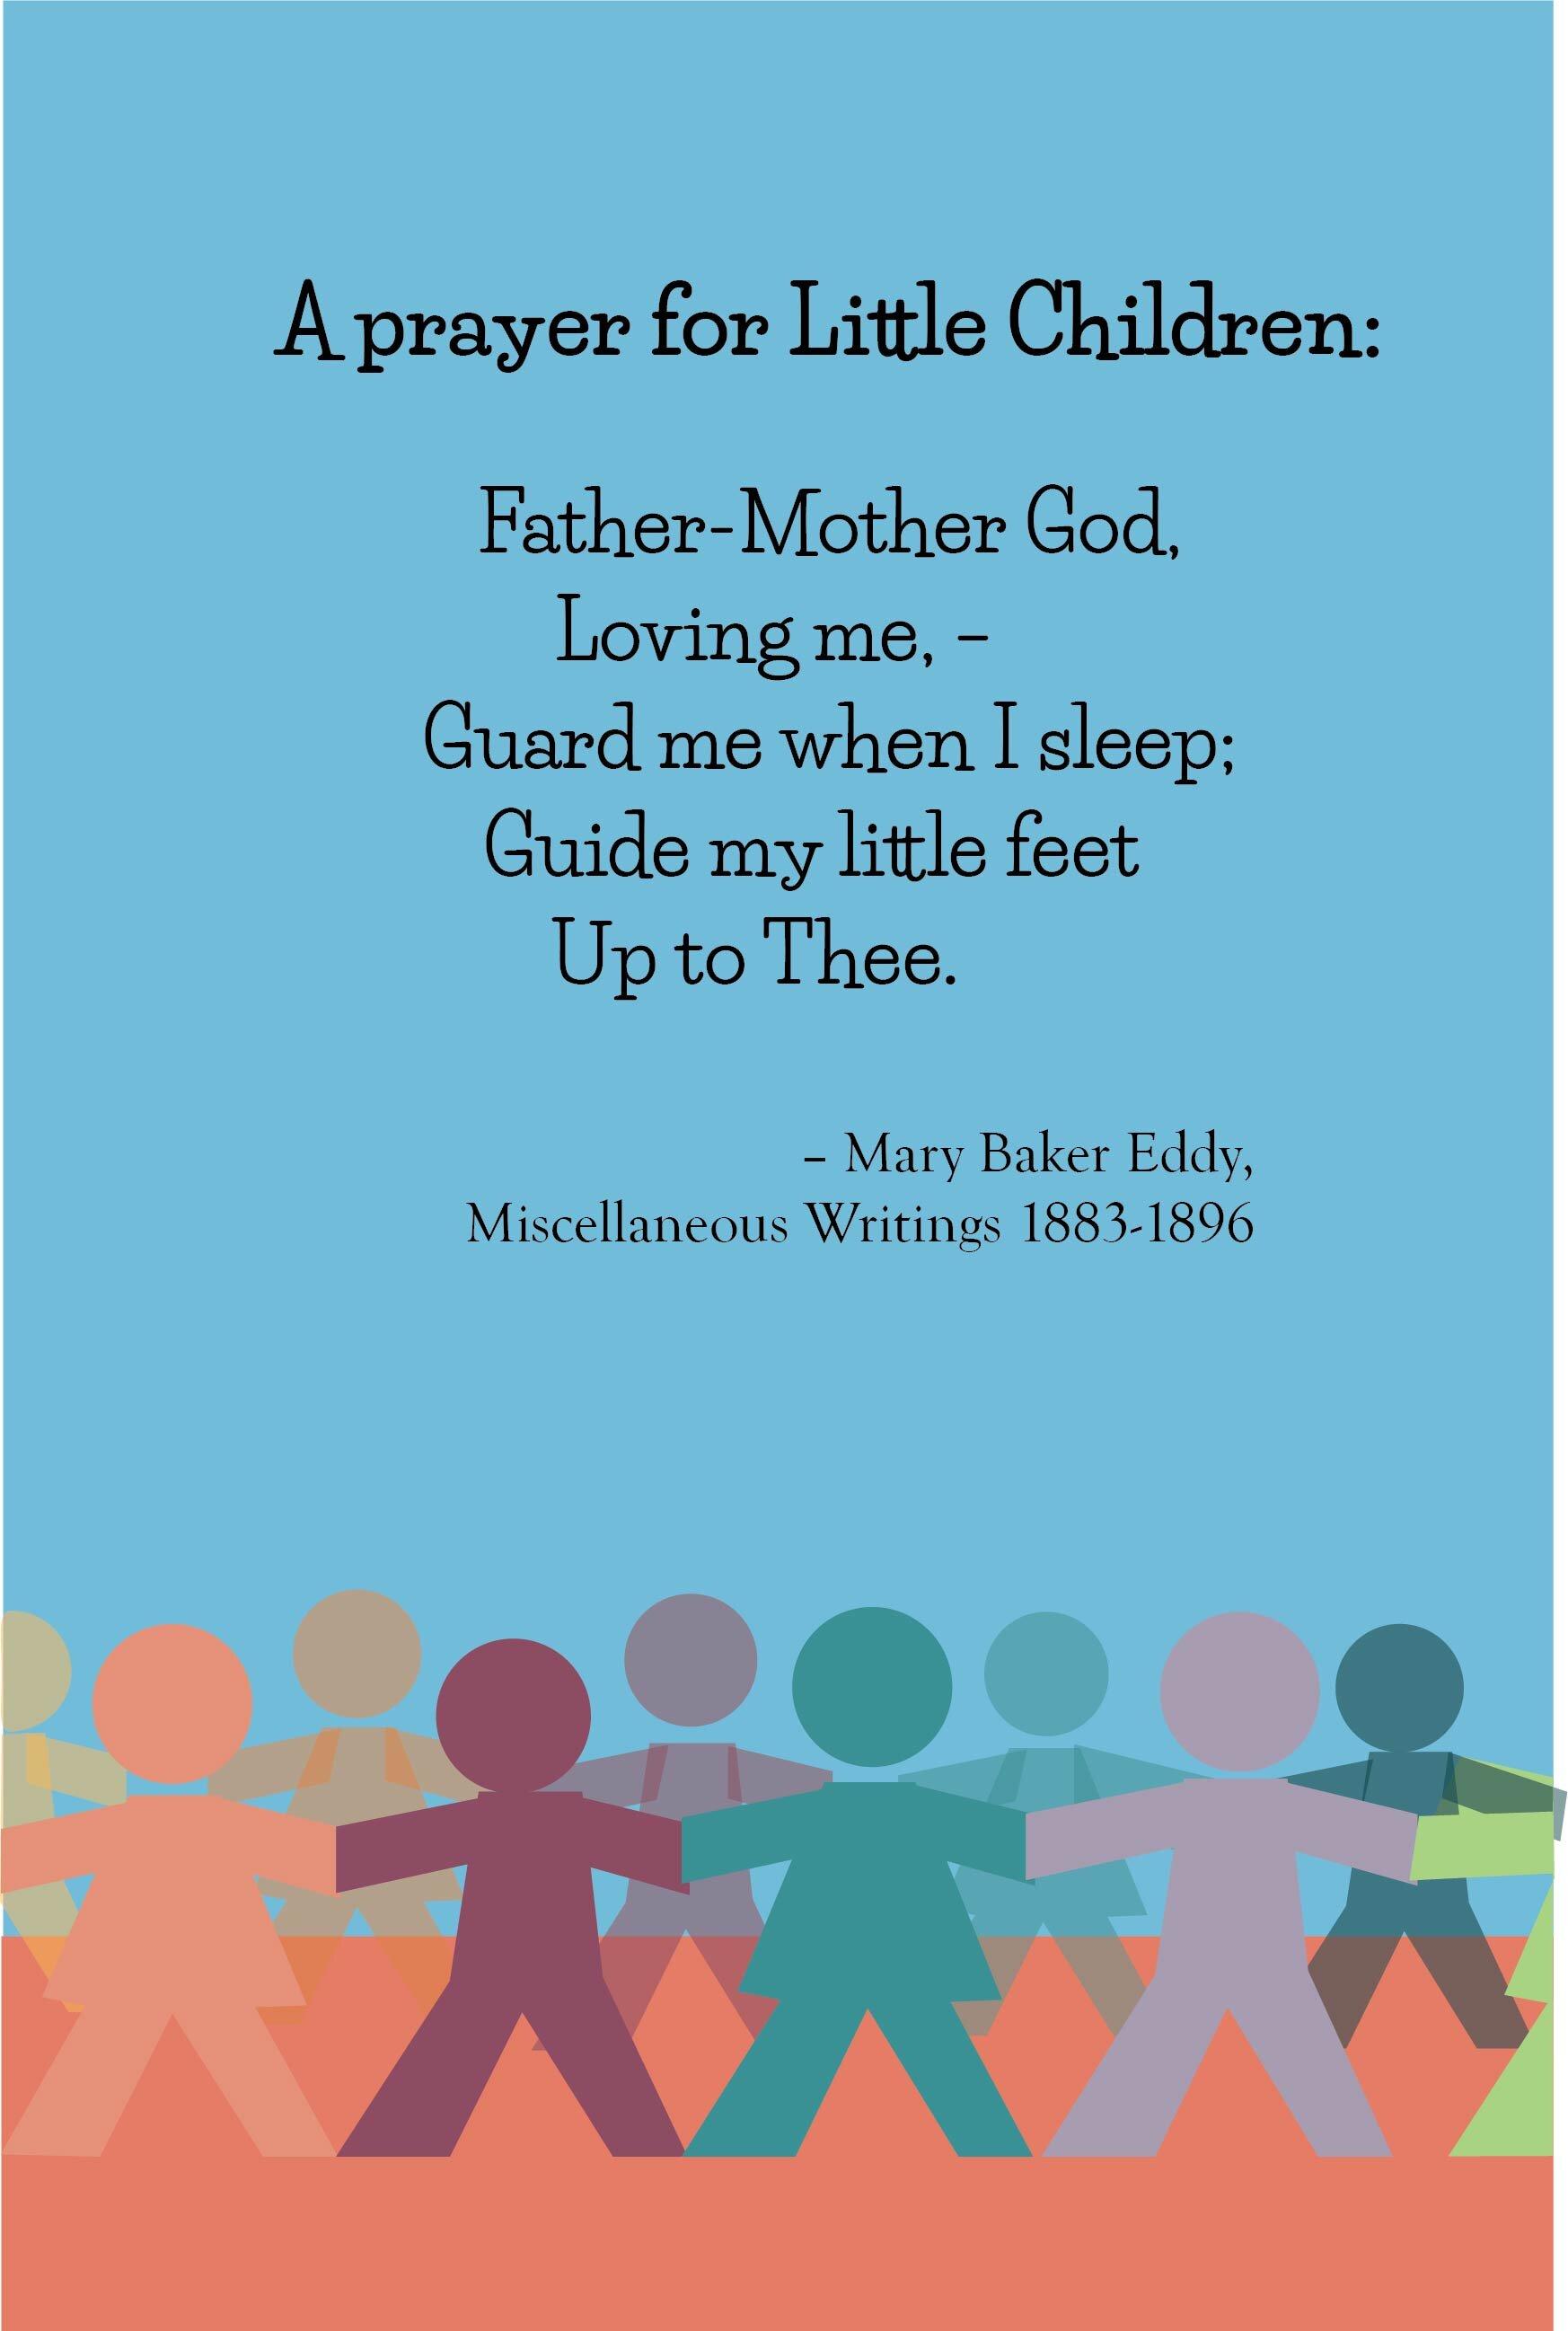 Prayer for Little Children.jpg